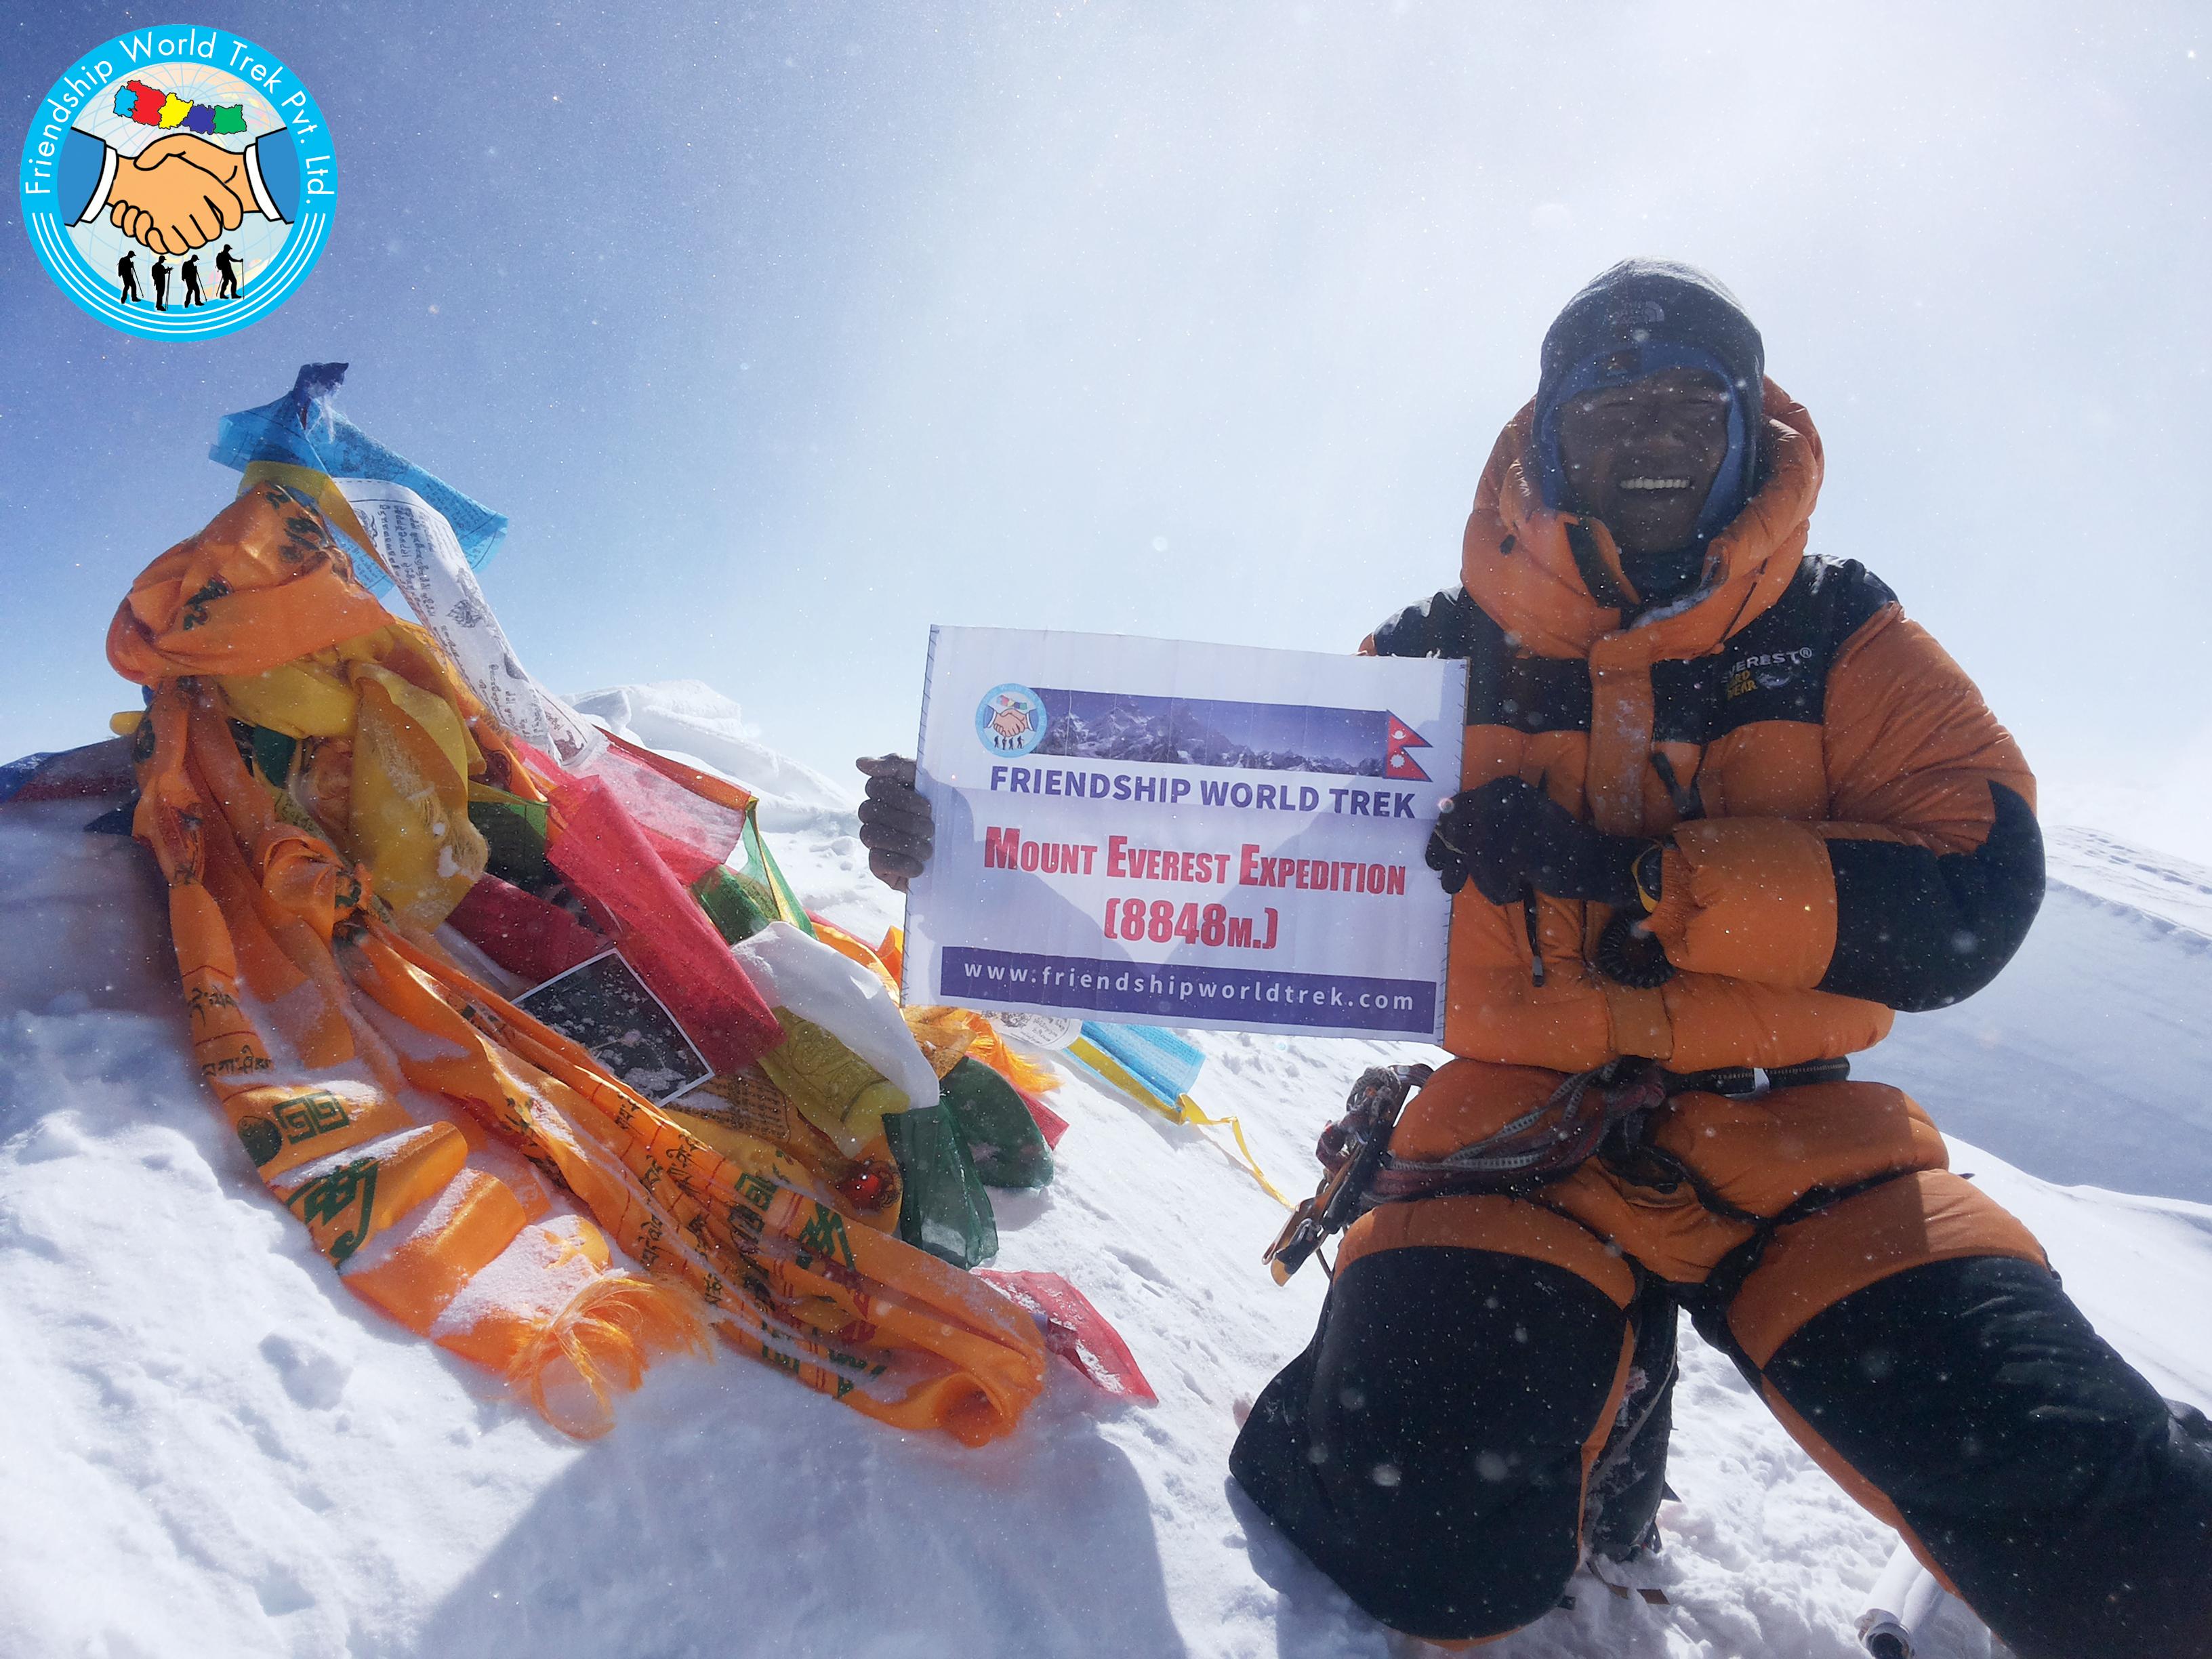 Mount Everest Summit 8848M